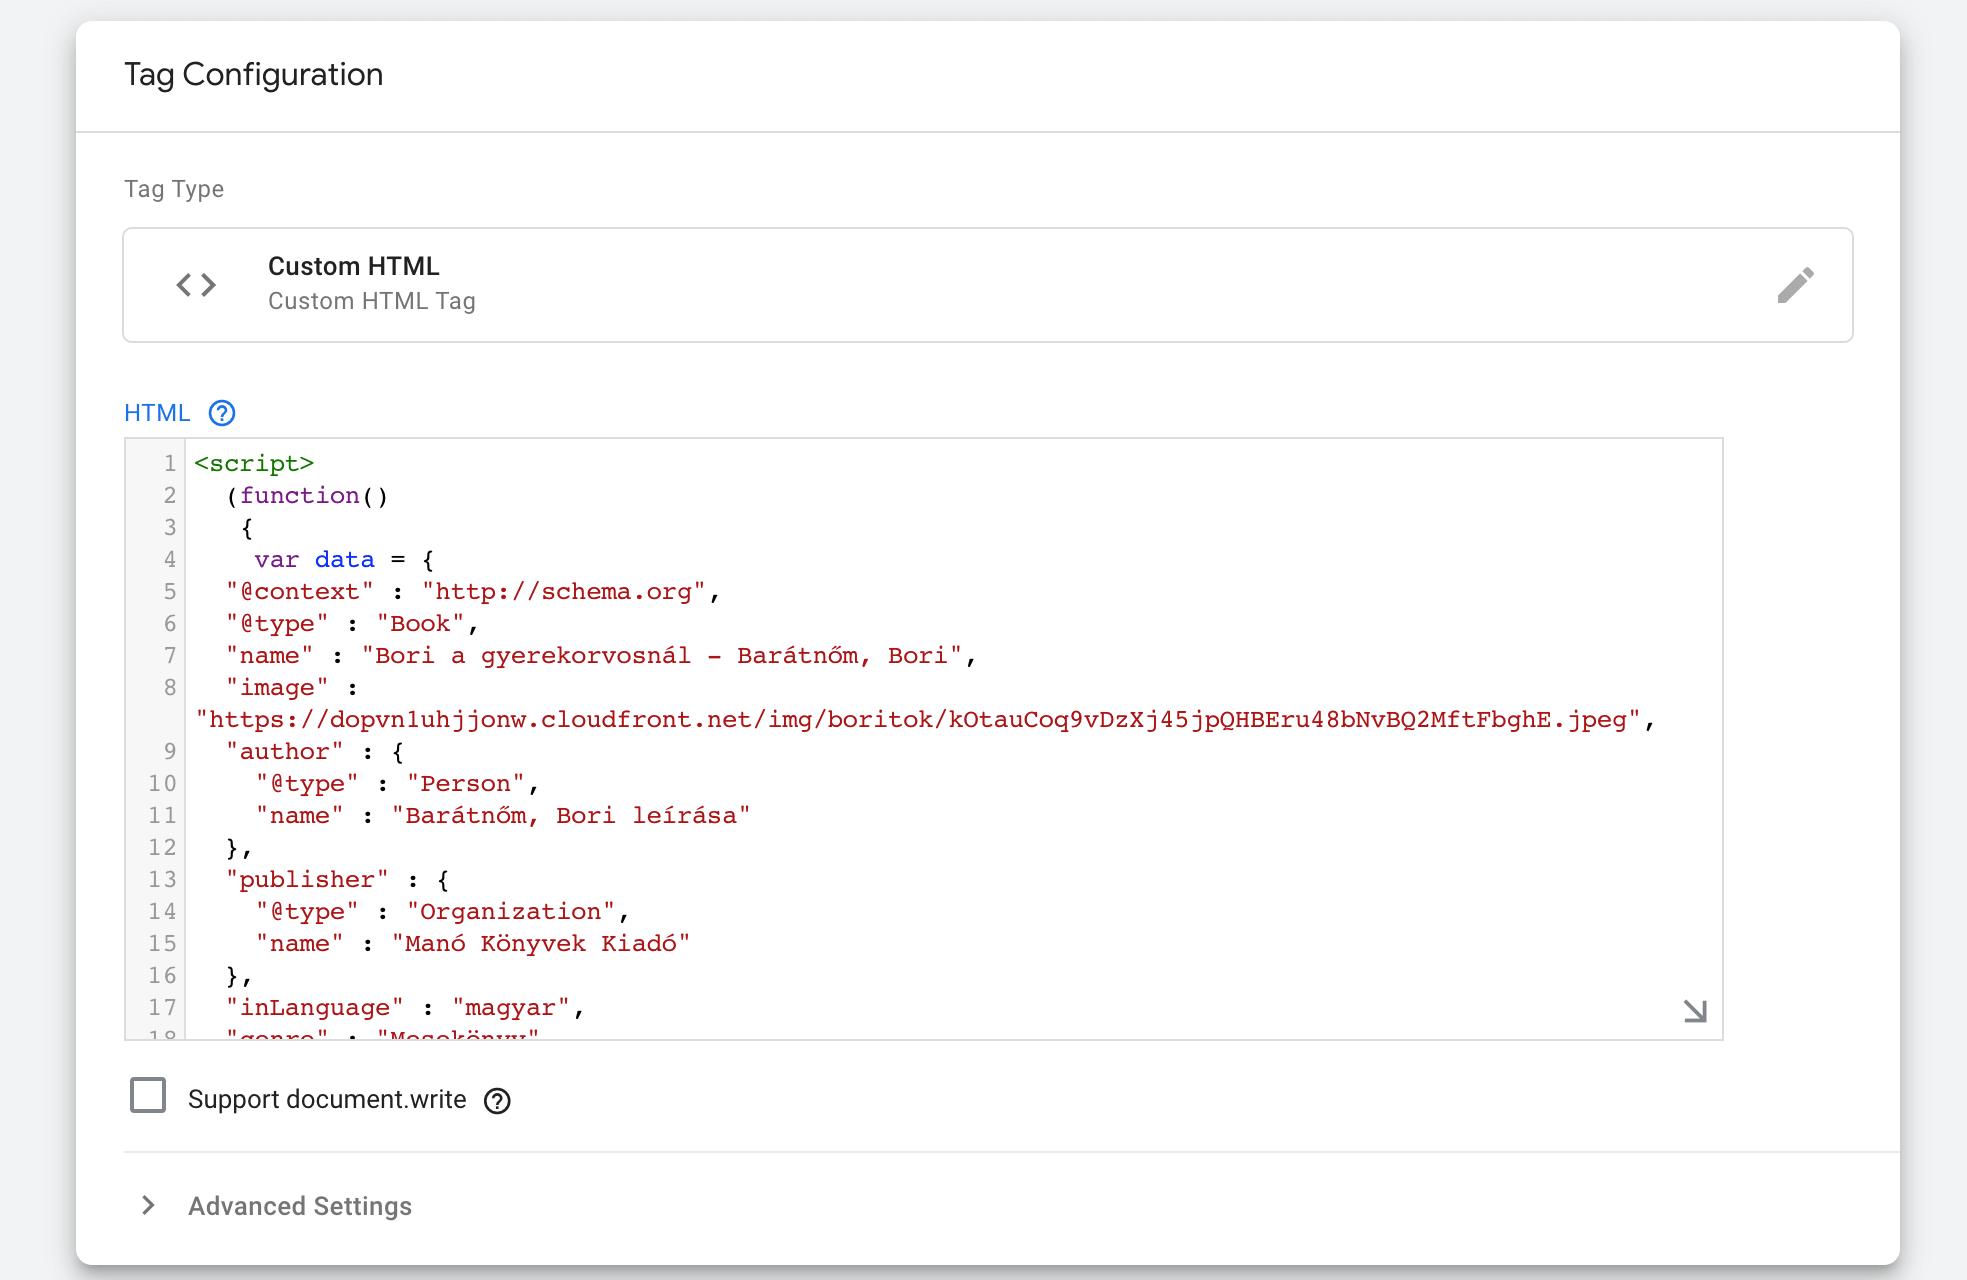 Kódrészlet beillesztése